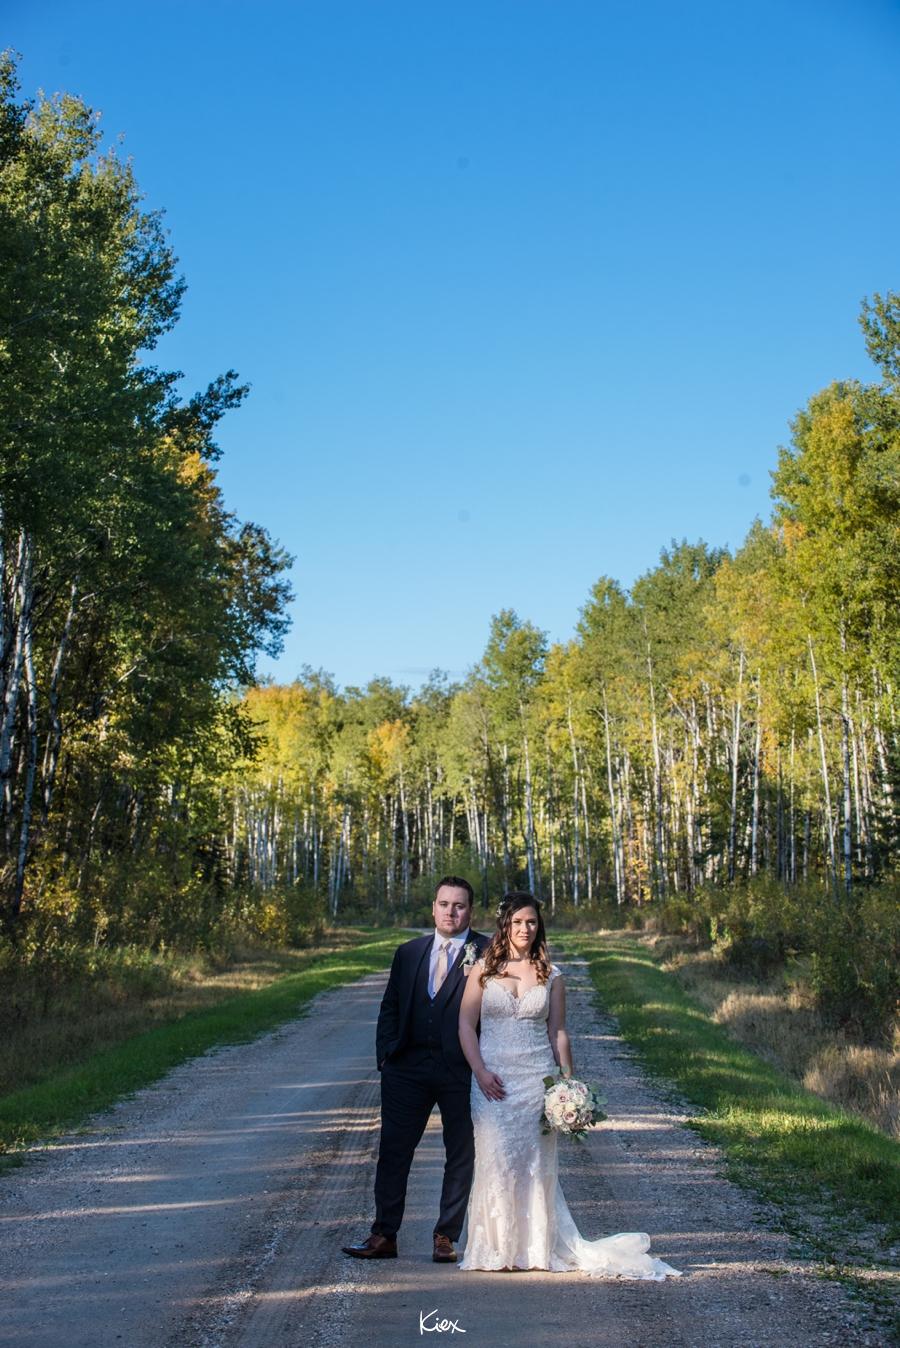 KIEX WEDDING_TESS+BRADY_112.jpg